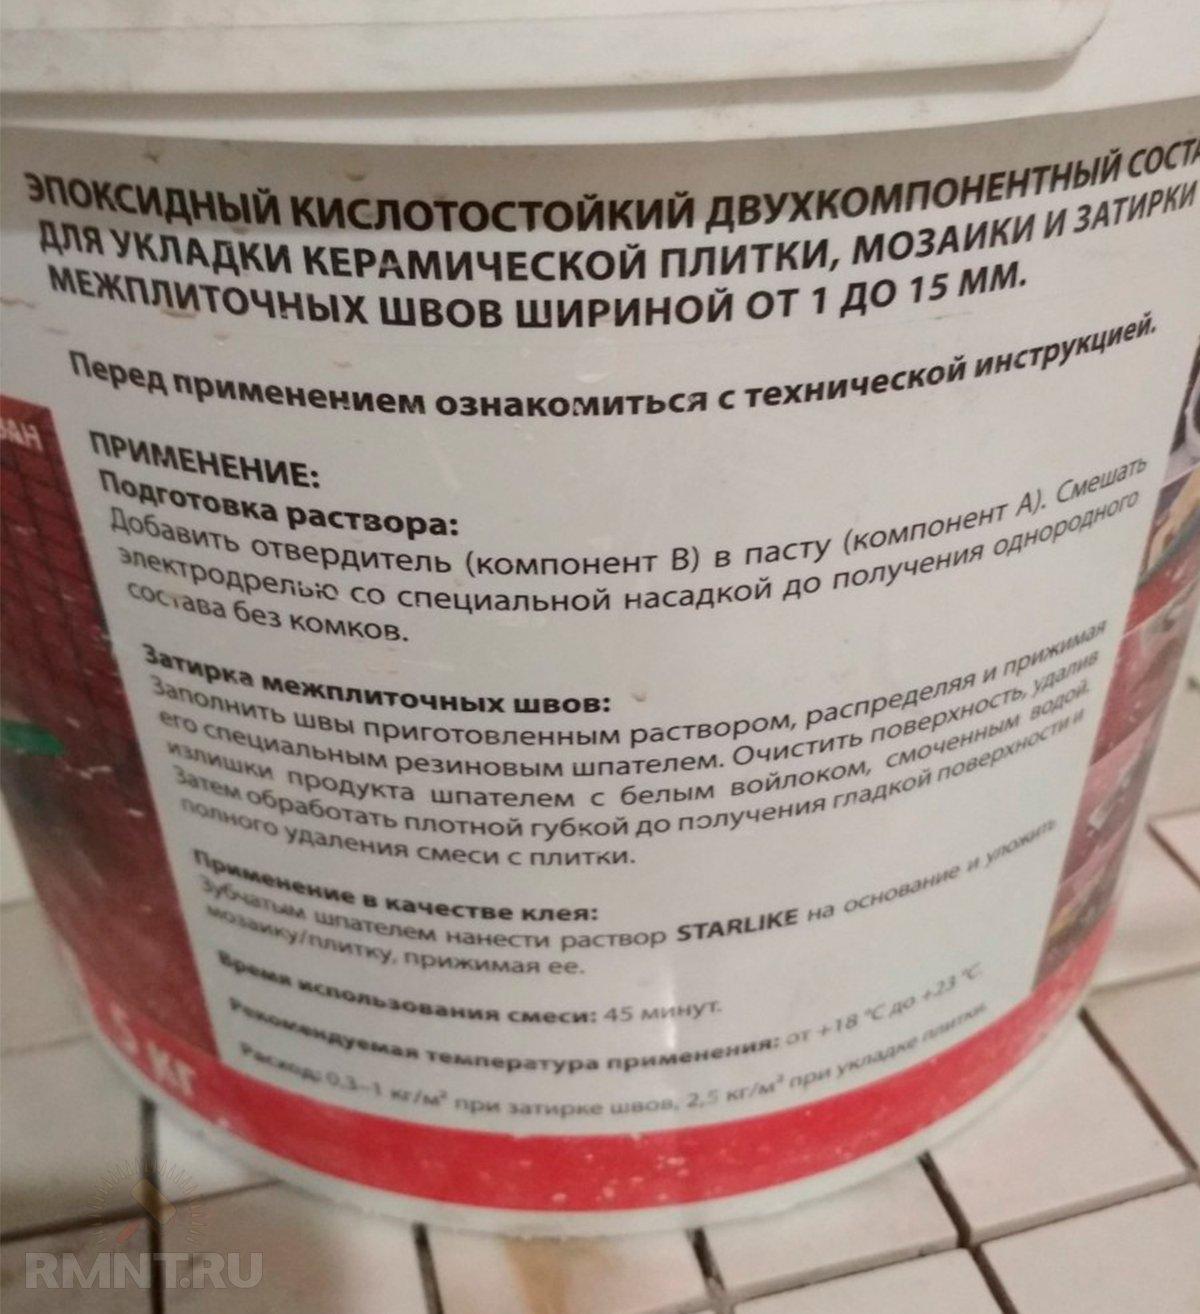 Укладка плитки на эпоксидный клей: правила и выбор материалов